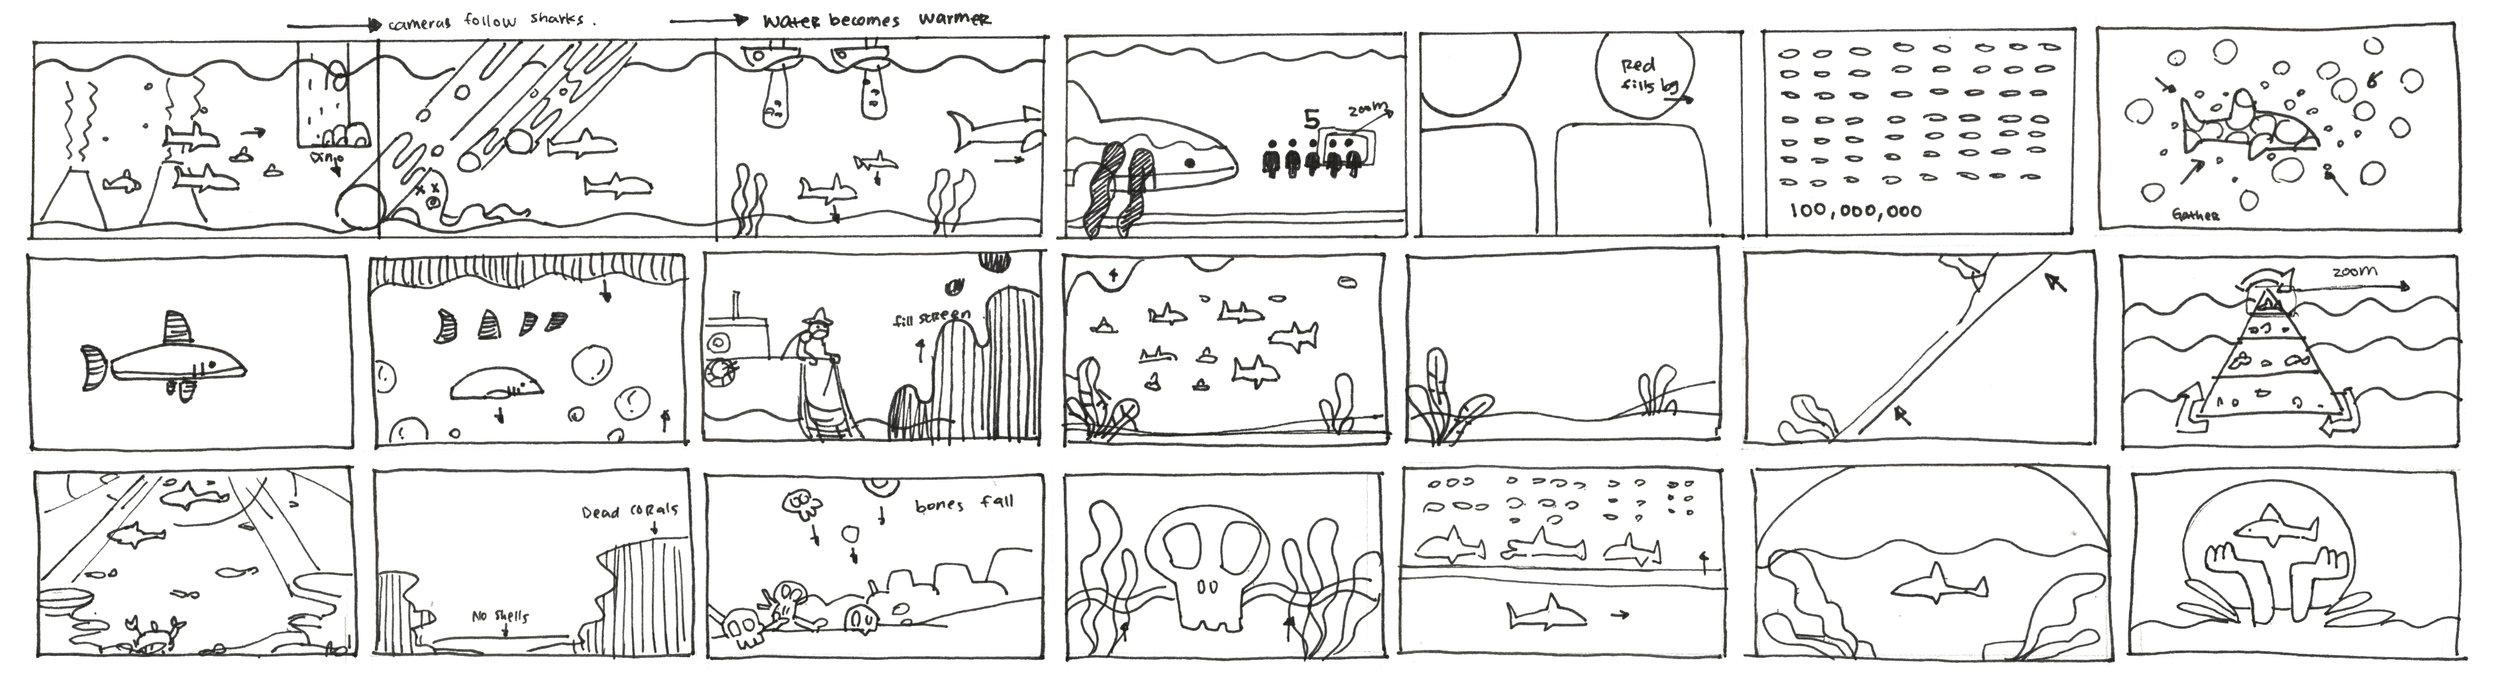 Sharksketches.jpg